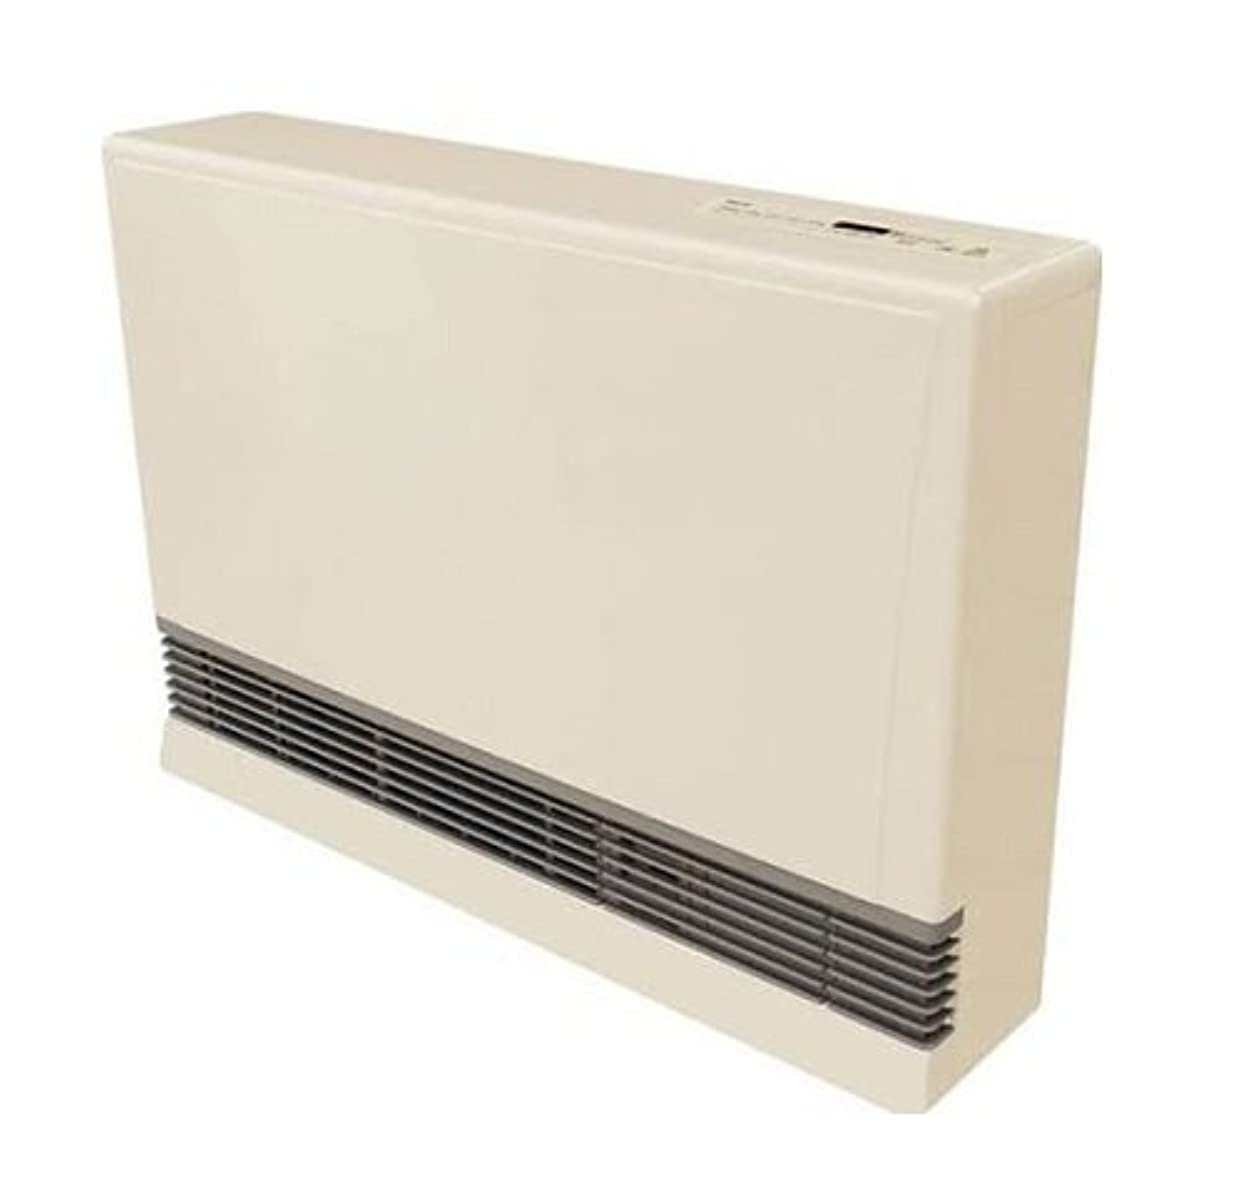 ベーリング海峡独占特別にRinnai EX38CTLP Direct Vent Space Heater - Liquid Propane BEIGE, 141[並行輸入]